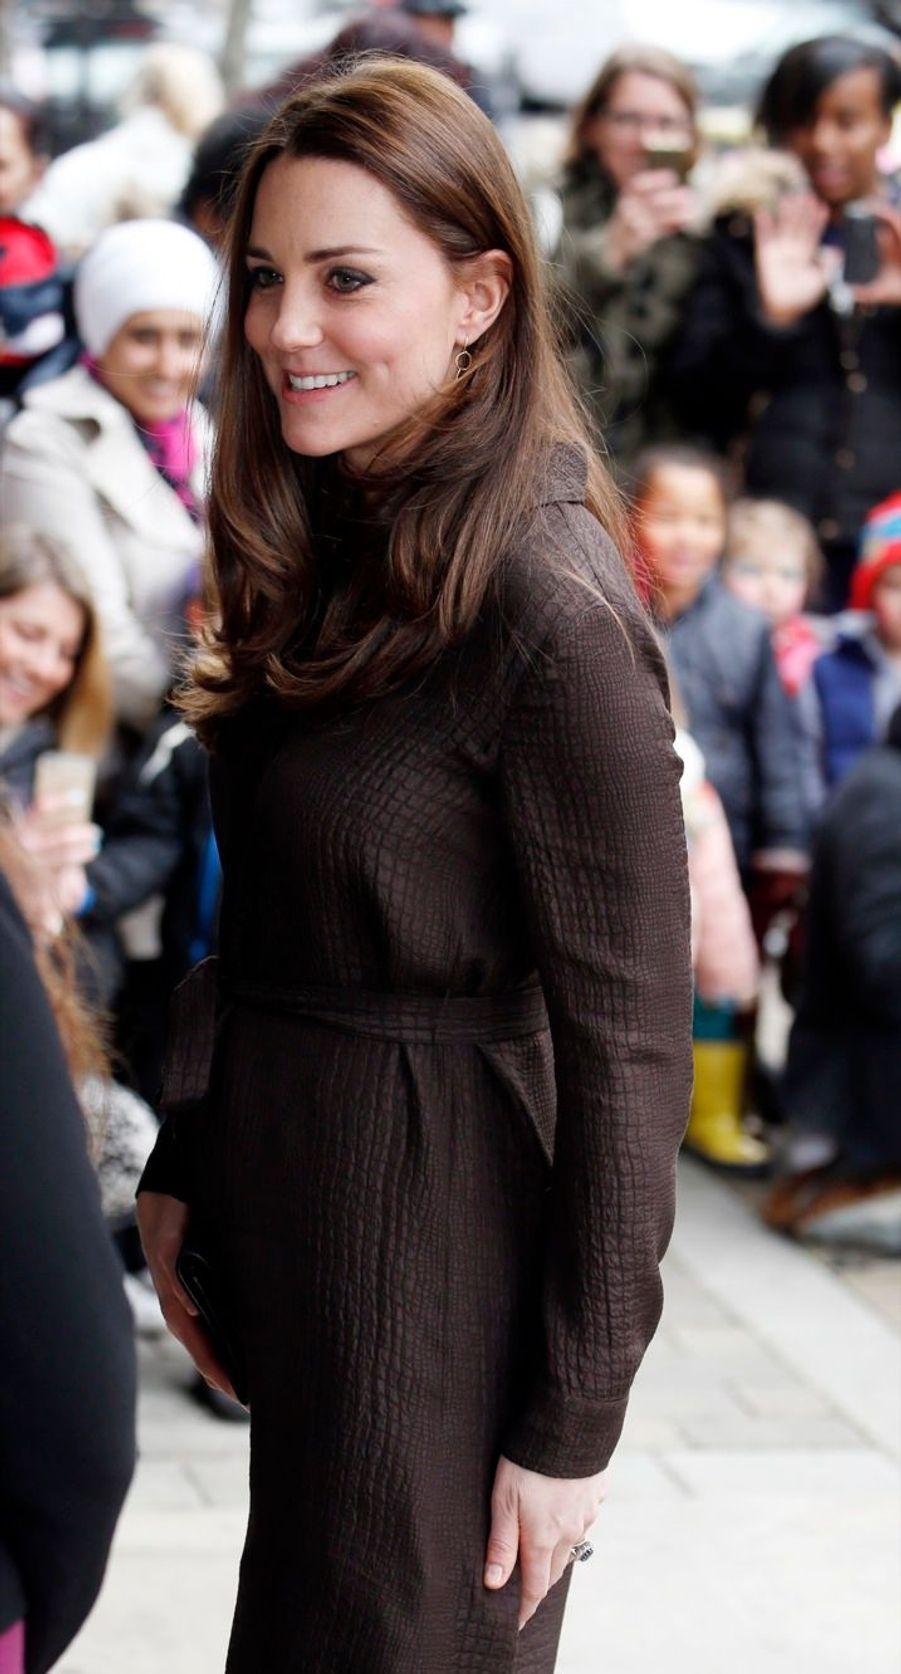 7 La Duchesse De Cambridge, Née Kate Middleton, En Visite Dans Une Association De Familles D'accueil